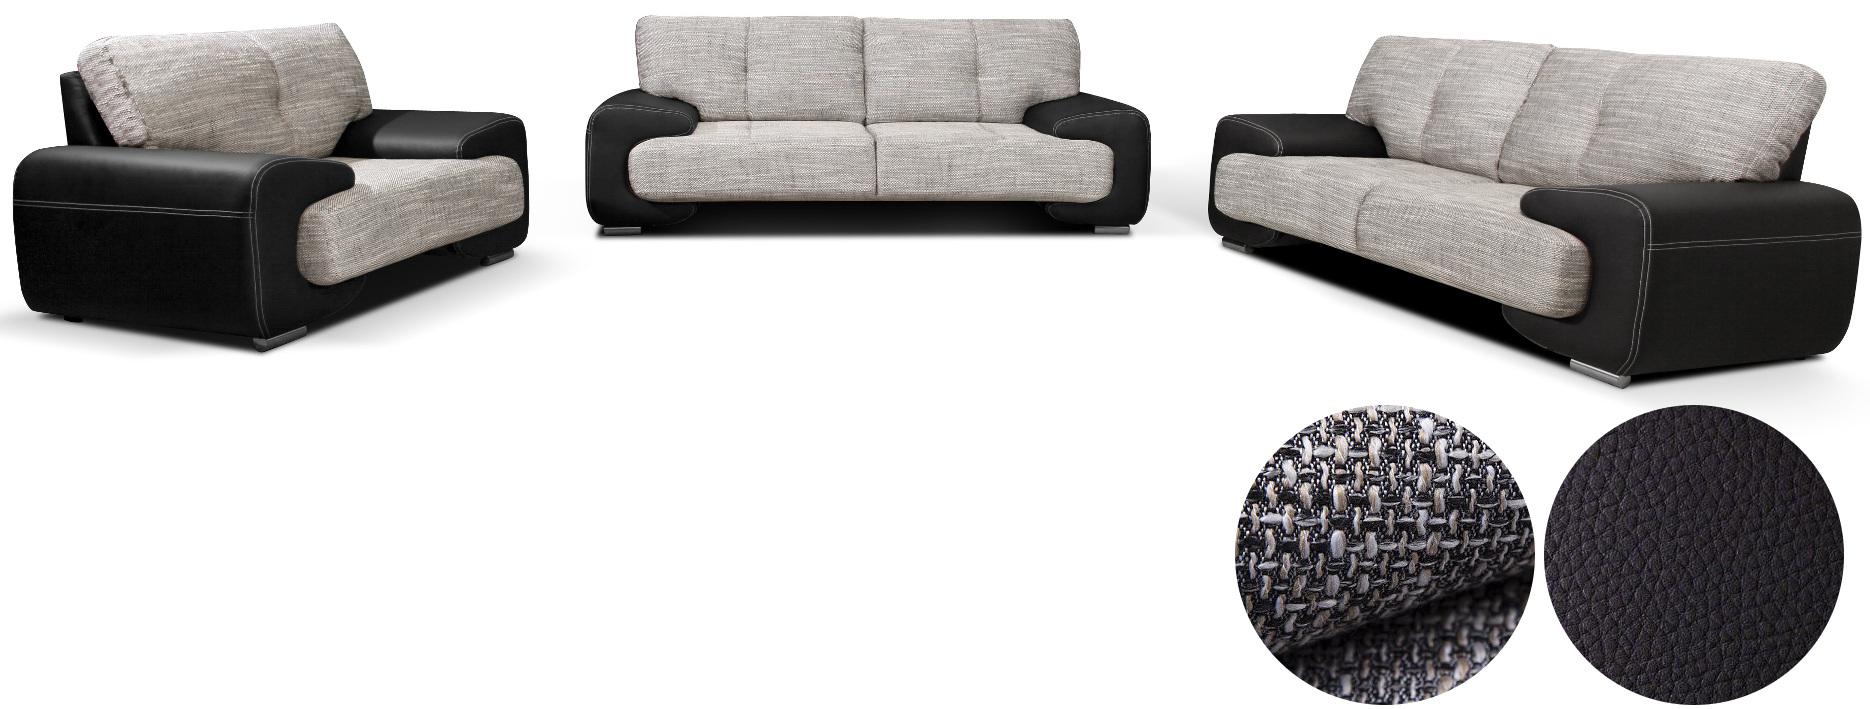 wohnlandschaft sofa set couch 3er 2er sessel 3 2 1. Black Bedroom Furniture Sets. Home Design Ideas